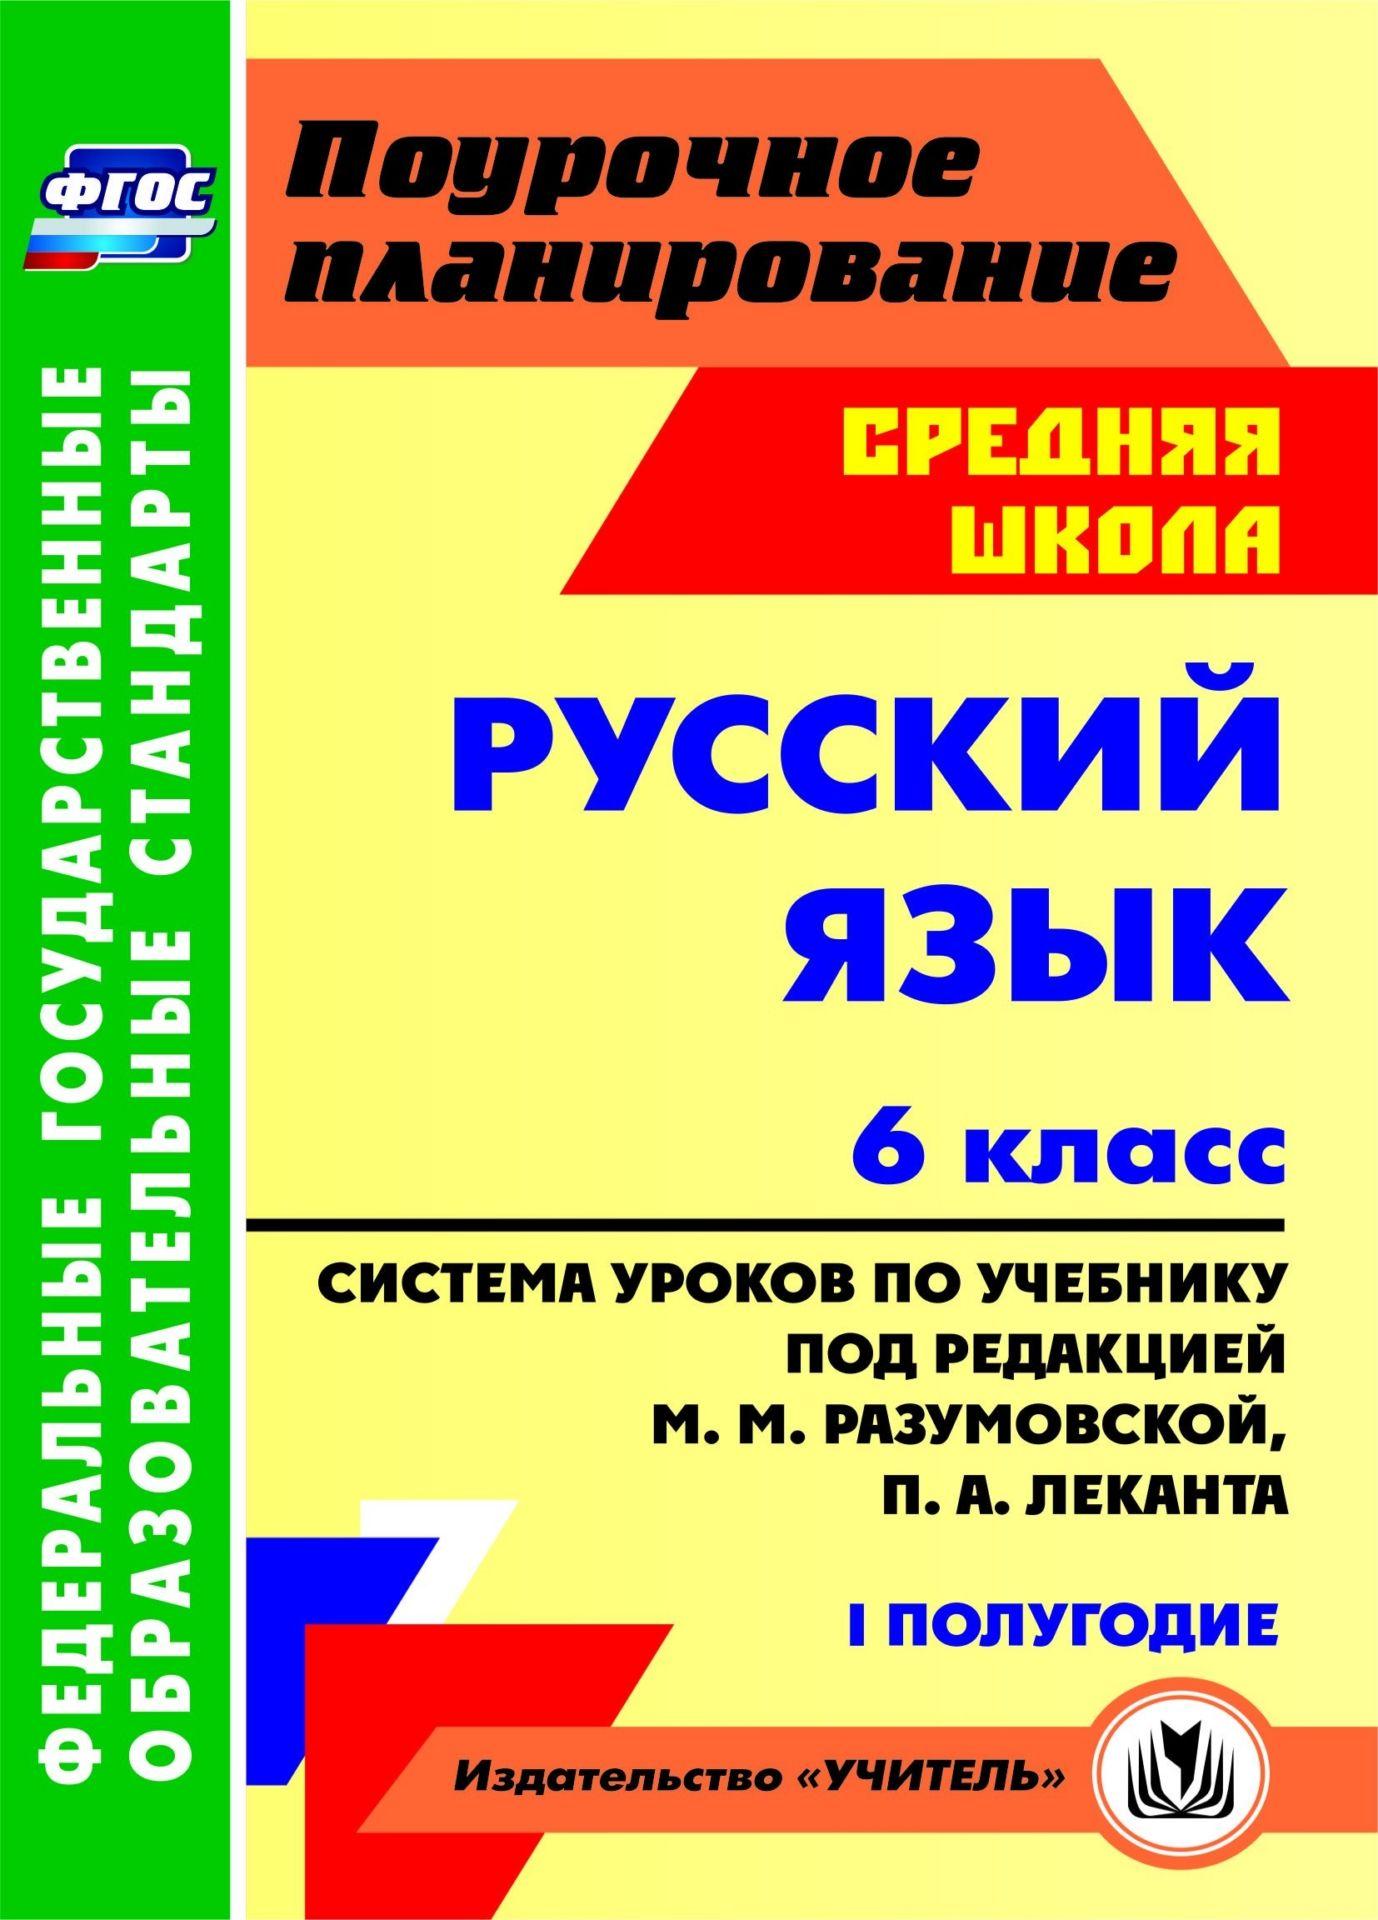 Русский язык. 6 класс: система уроков по учебнику под ред. М. М. Разумовской, П. А. Леканта. I полугодие